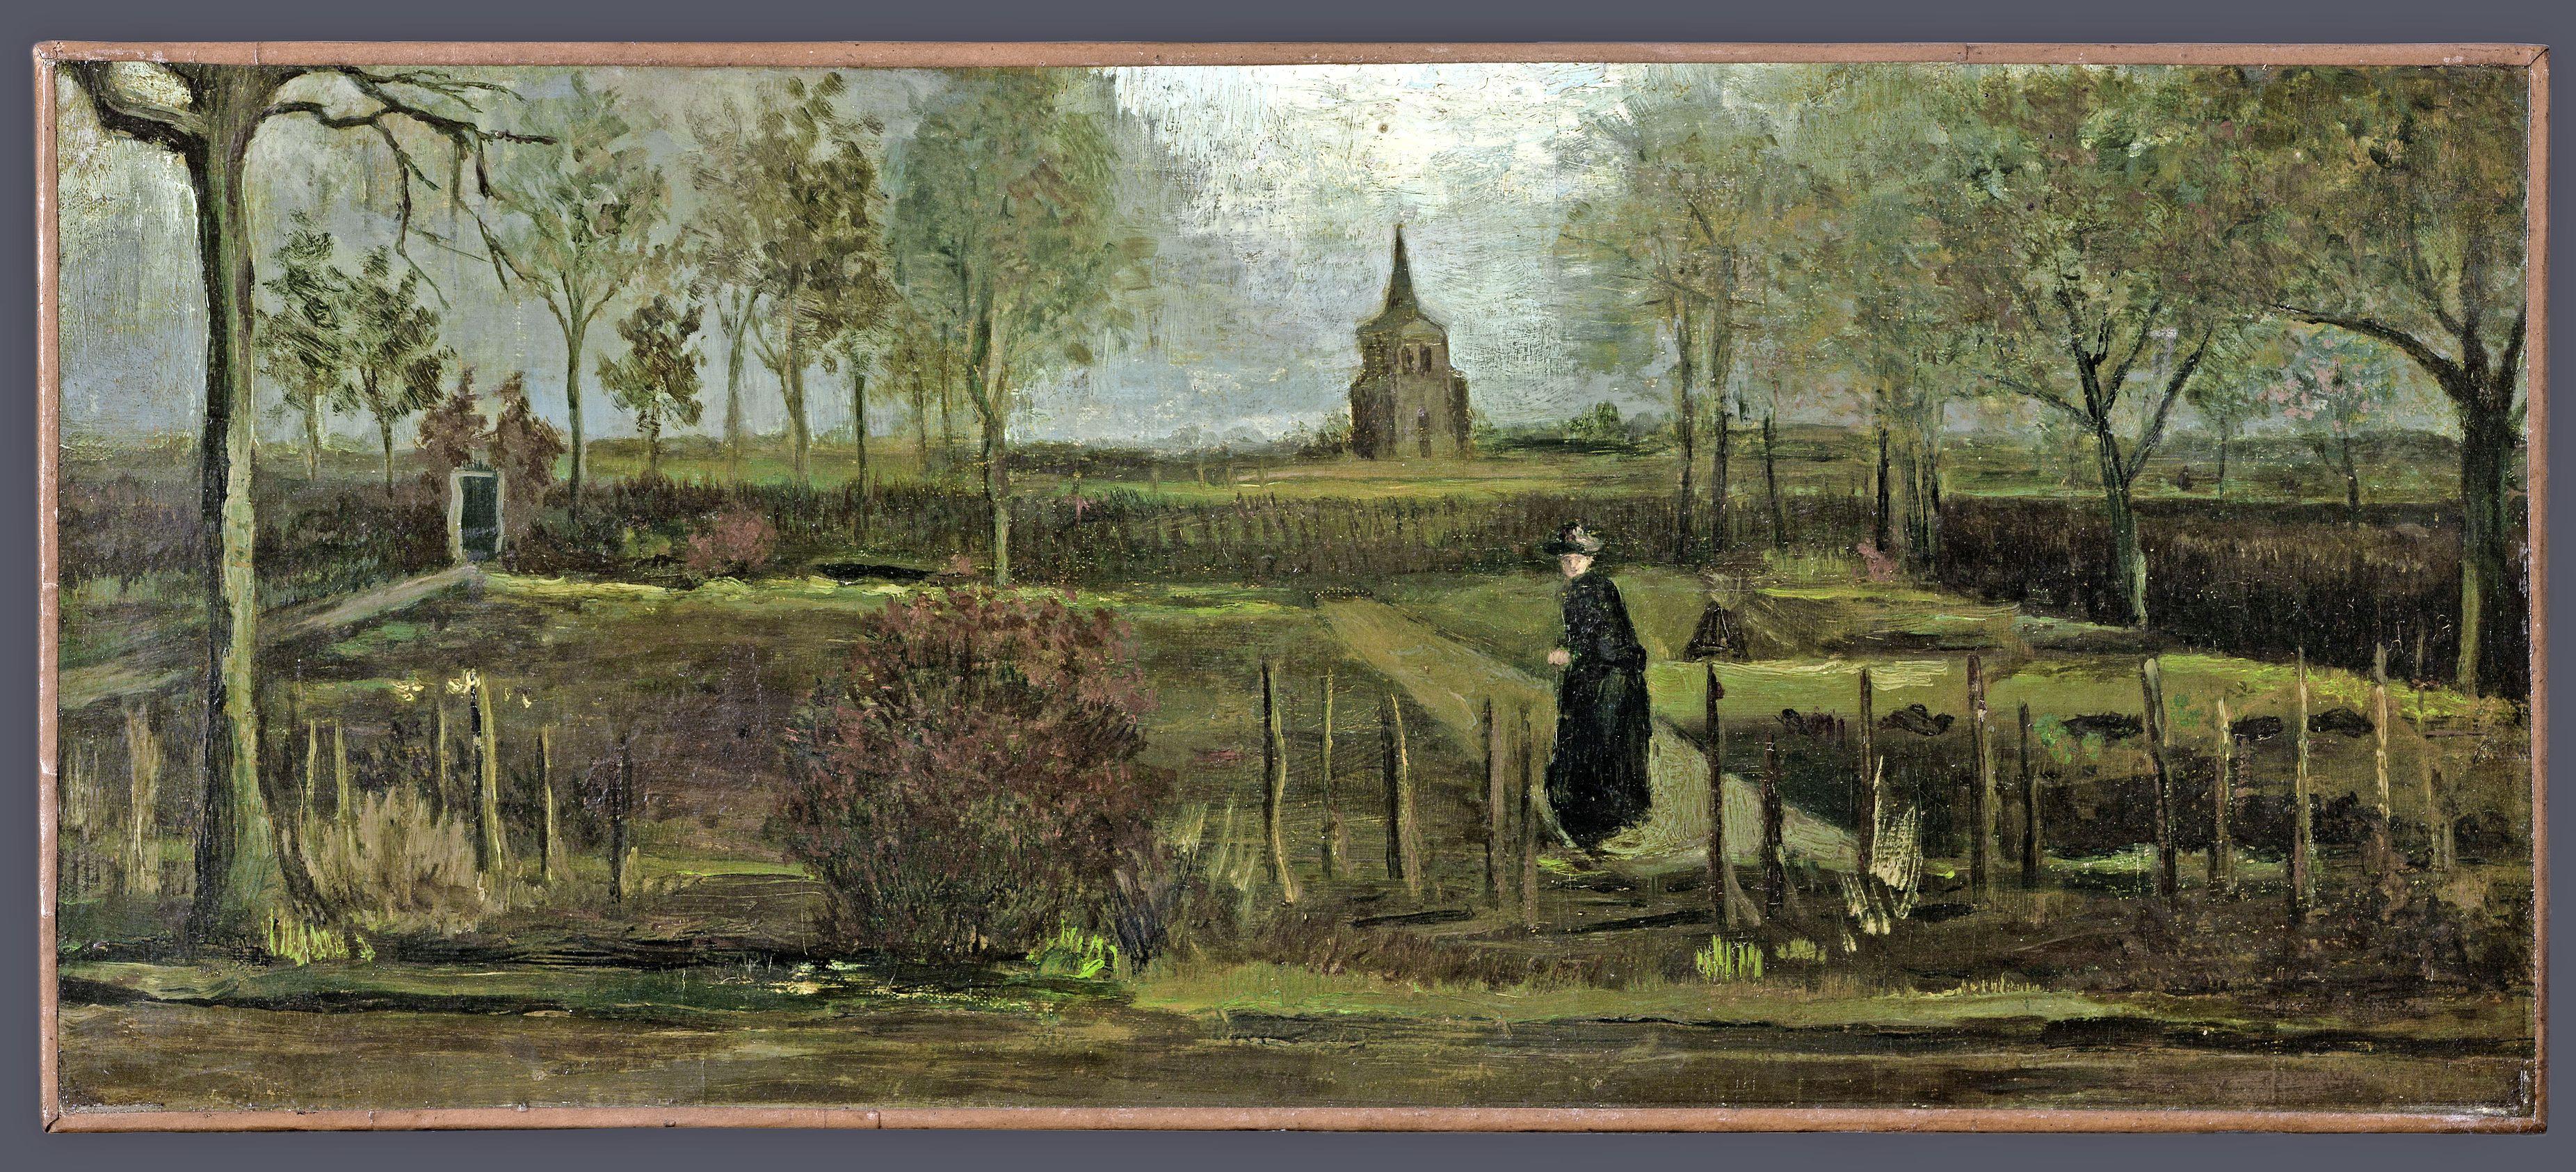 58-jarige man uit Baarn aangehouden voor roof schilderijen Van Gogh en Hals. Singer Laren: 'Aanhouding is een stap in de goede richting' [update][video]